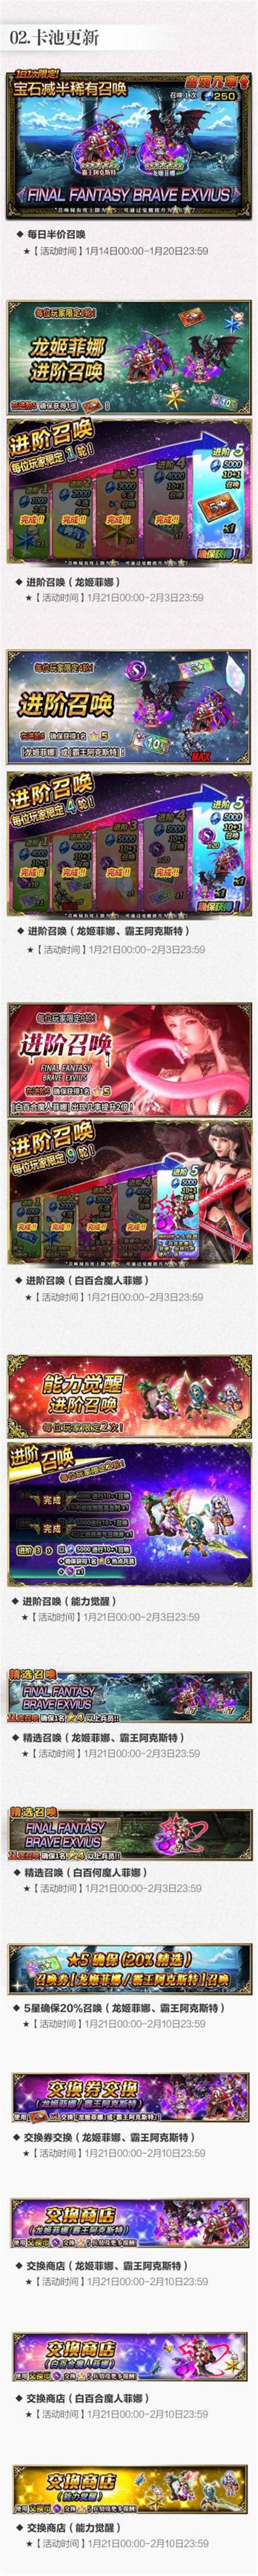 """天辰代理注册登录FFBE开启新版本""""预兆"""" 龙姬菲娜斯降临!"""